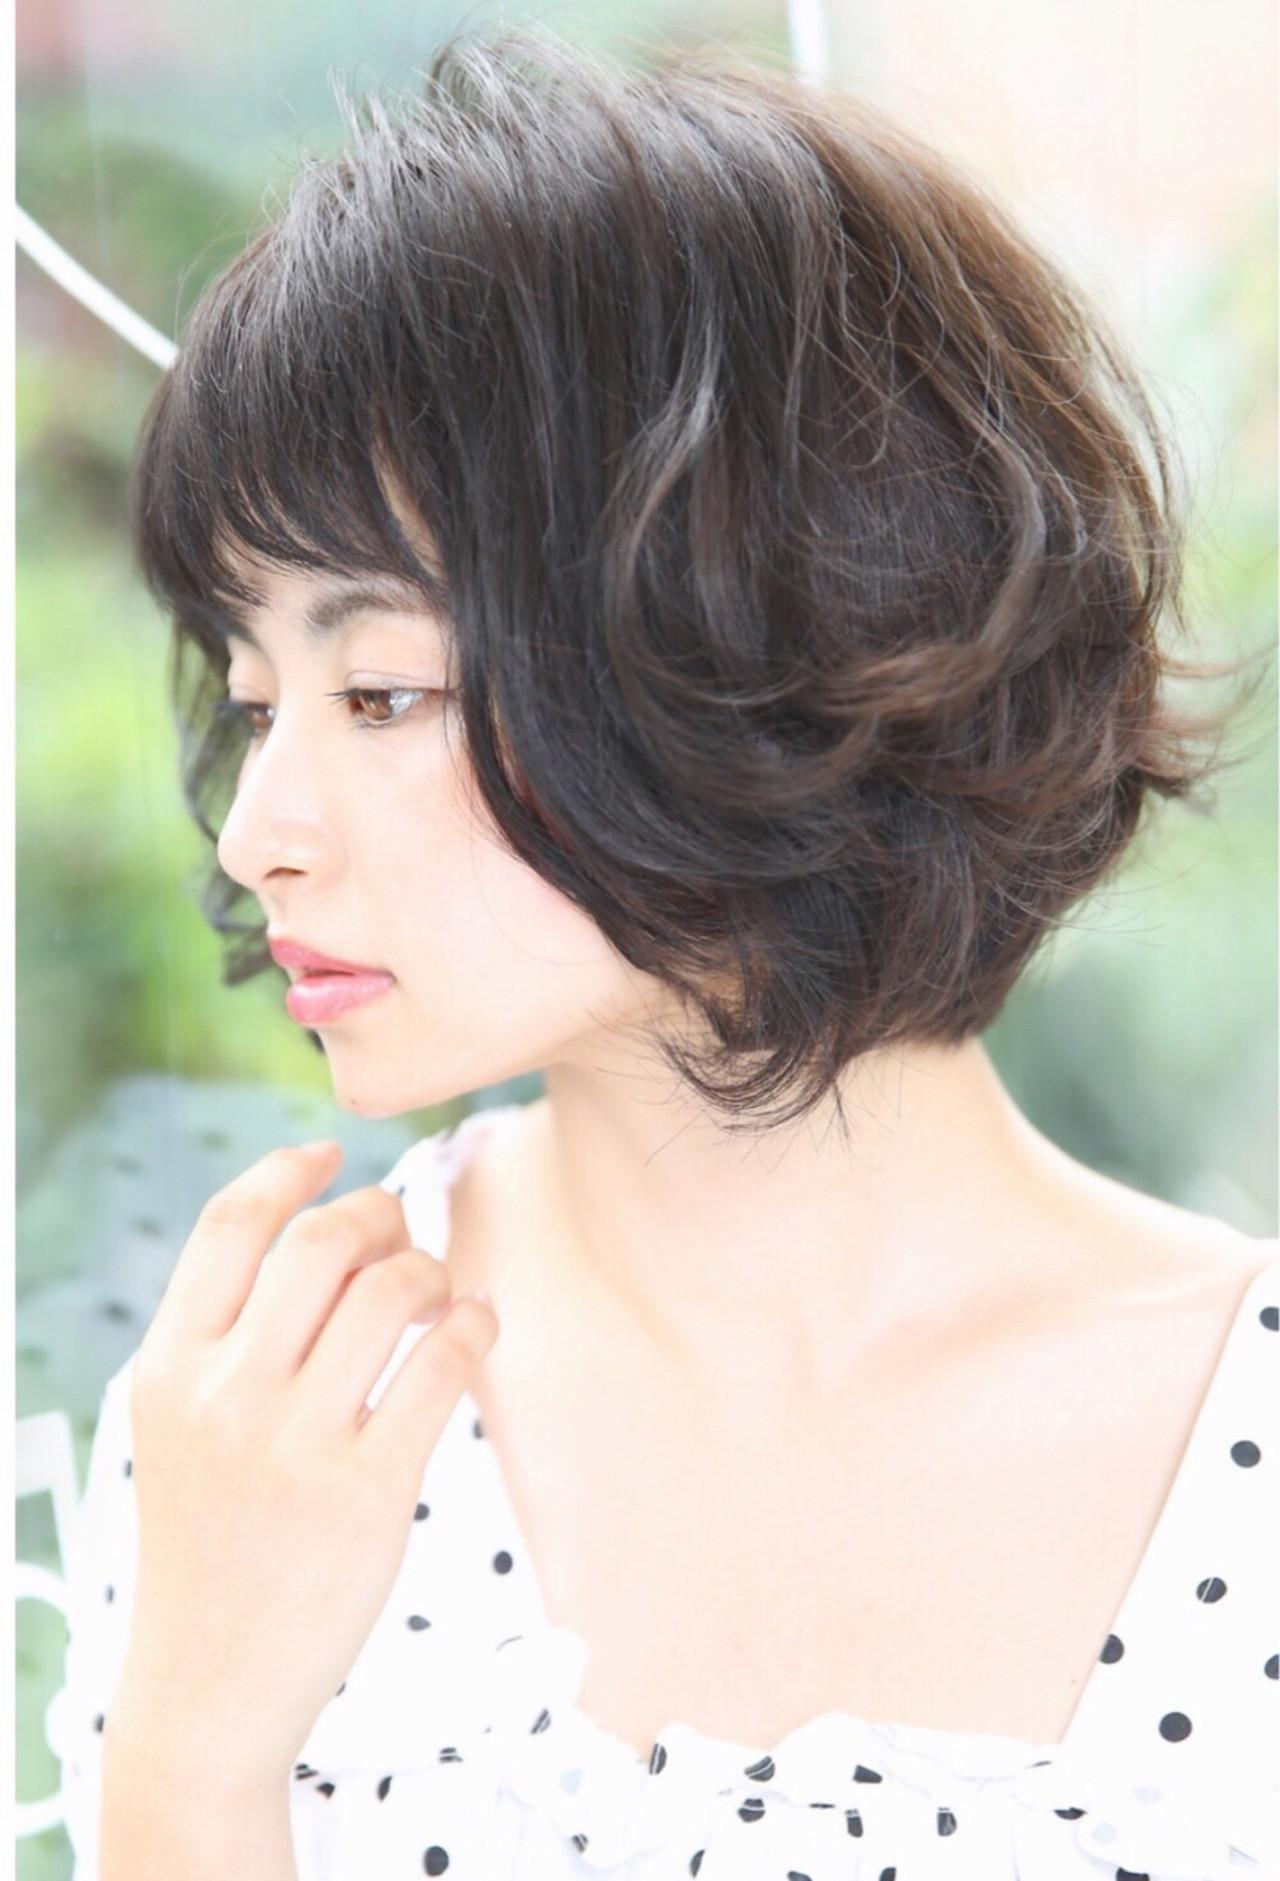 ボリューミーヘア好みにピッタリ☆丸いフォルムのパッツンボブ Reina